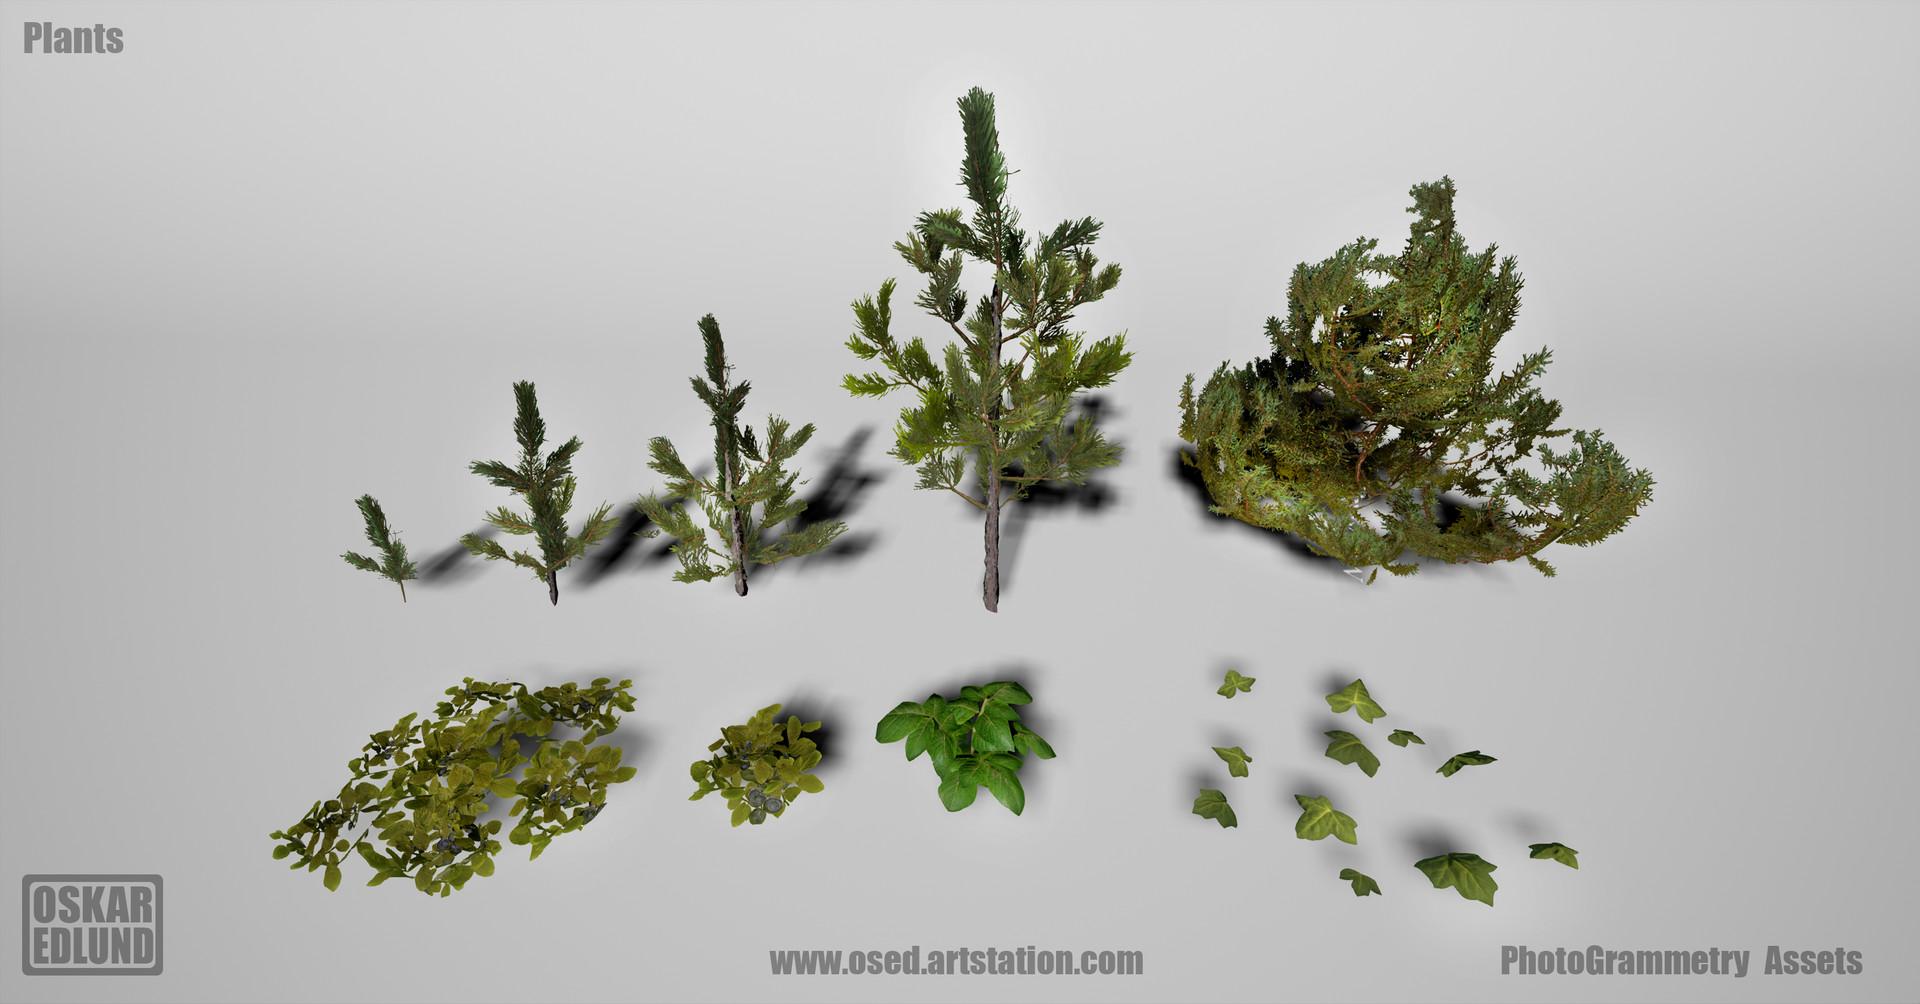 Oskar edlund plants